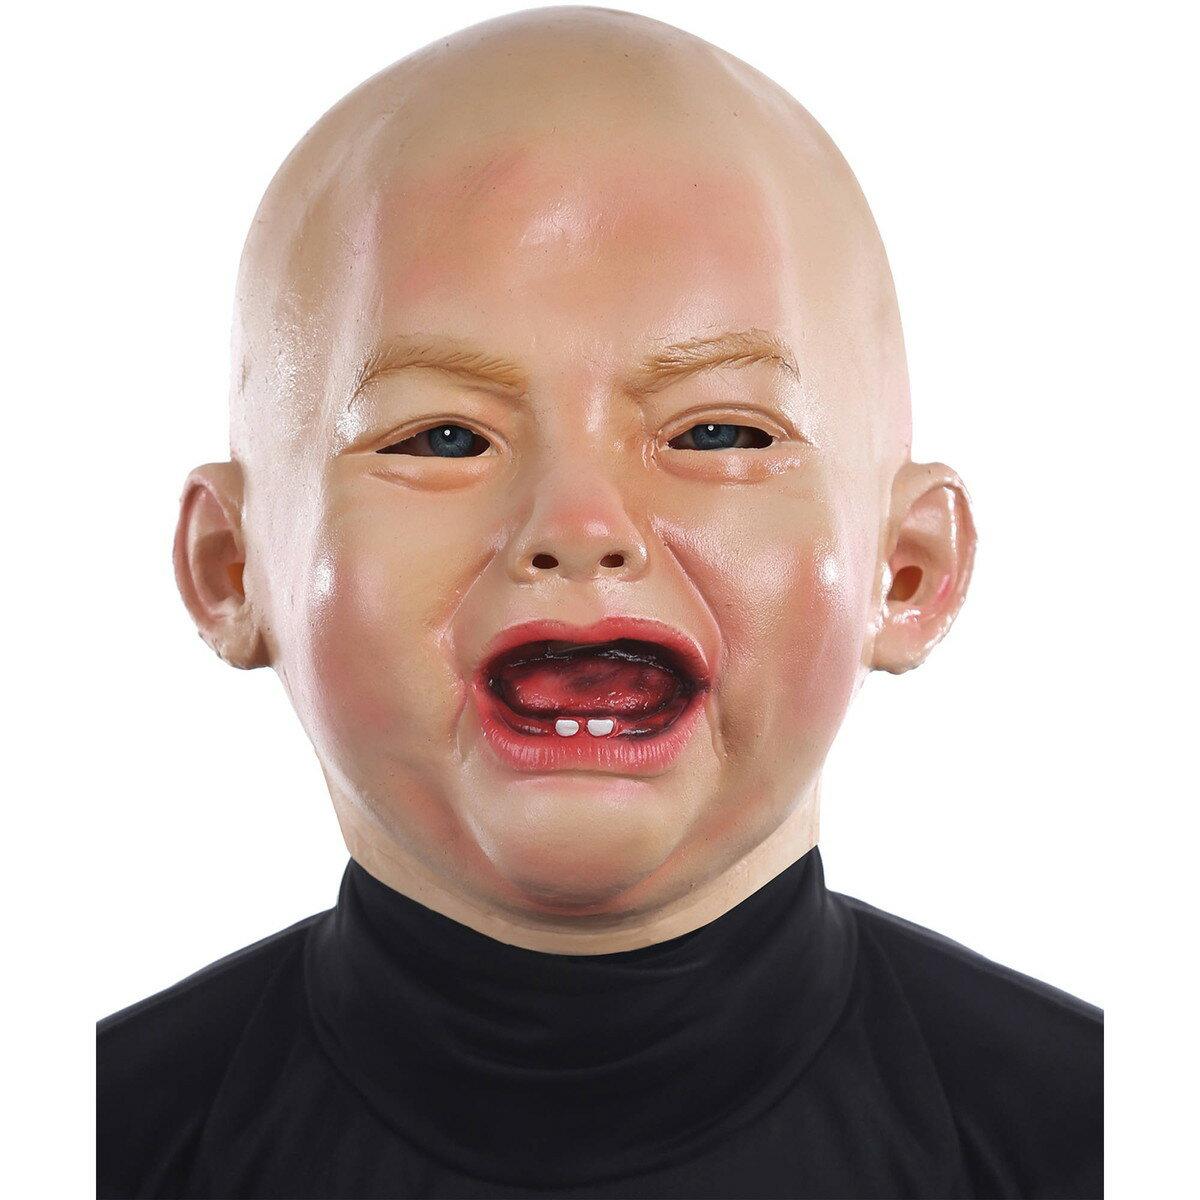 リアル赤ちゃん 泣き顔マスク 大人用 ベビーマスク 変装 コスプレ ハロウィン 仮装 おもしろ グッズ